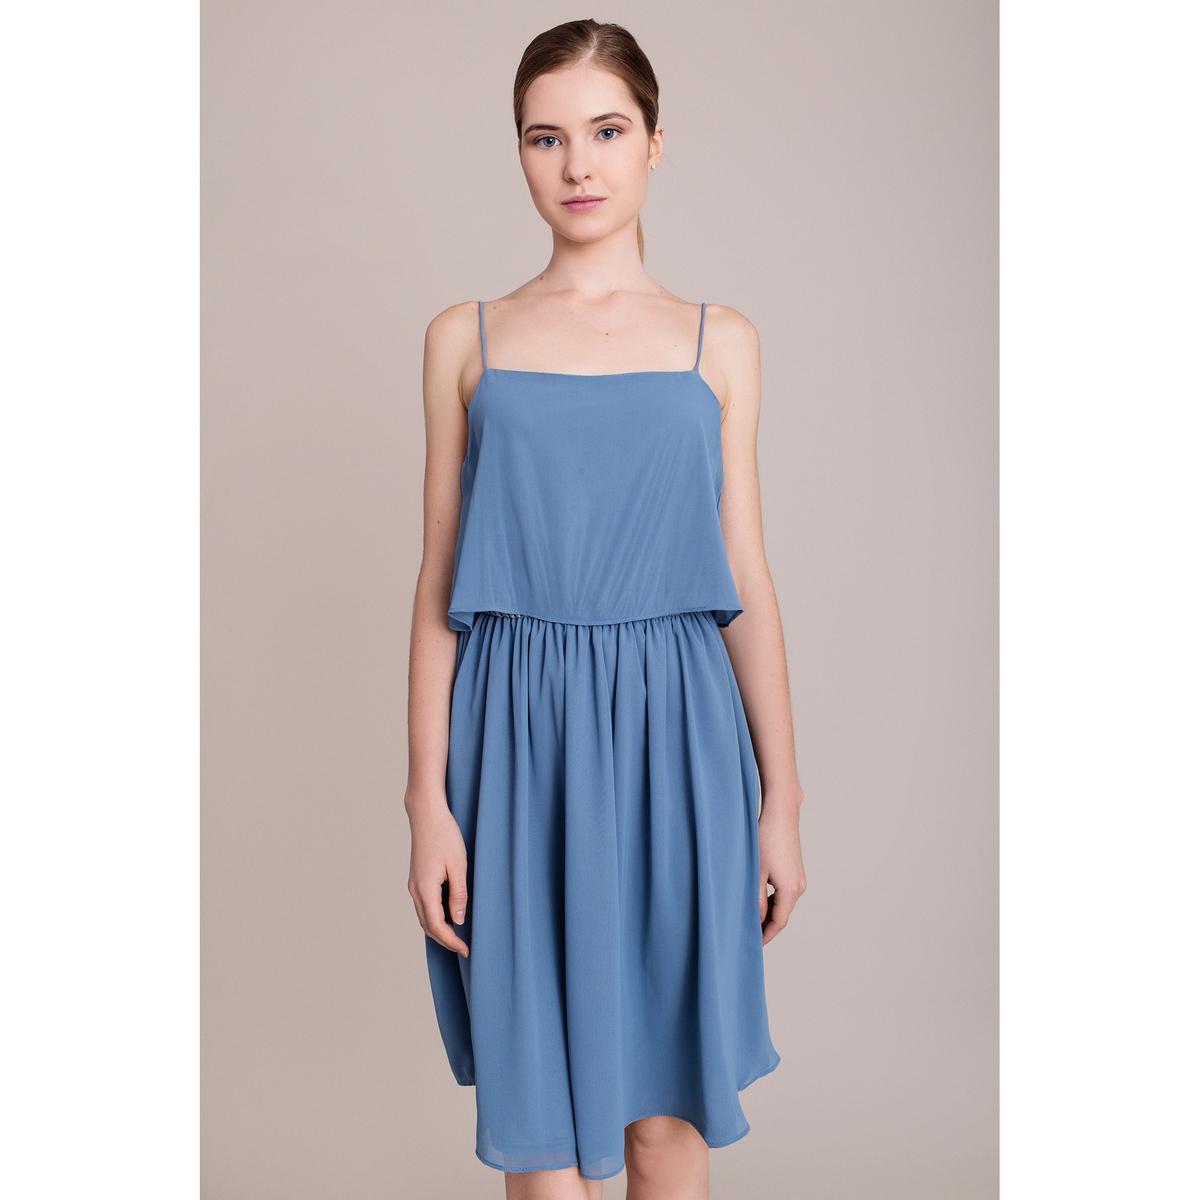 Платье с тонкими бретелямиХарактеристики и описание        Материал         100% полиэстера        Марка    MIGLE+ME<br><br>Цвет: синий<br>Размер: L